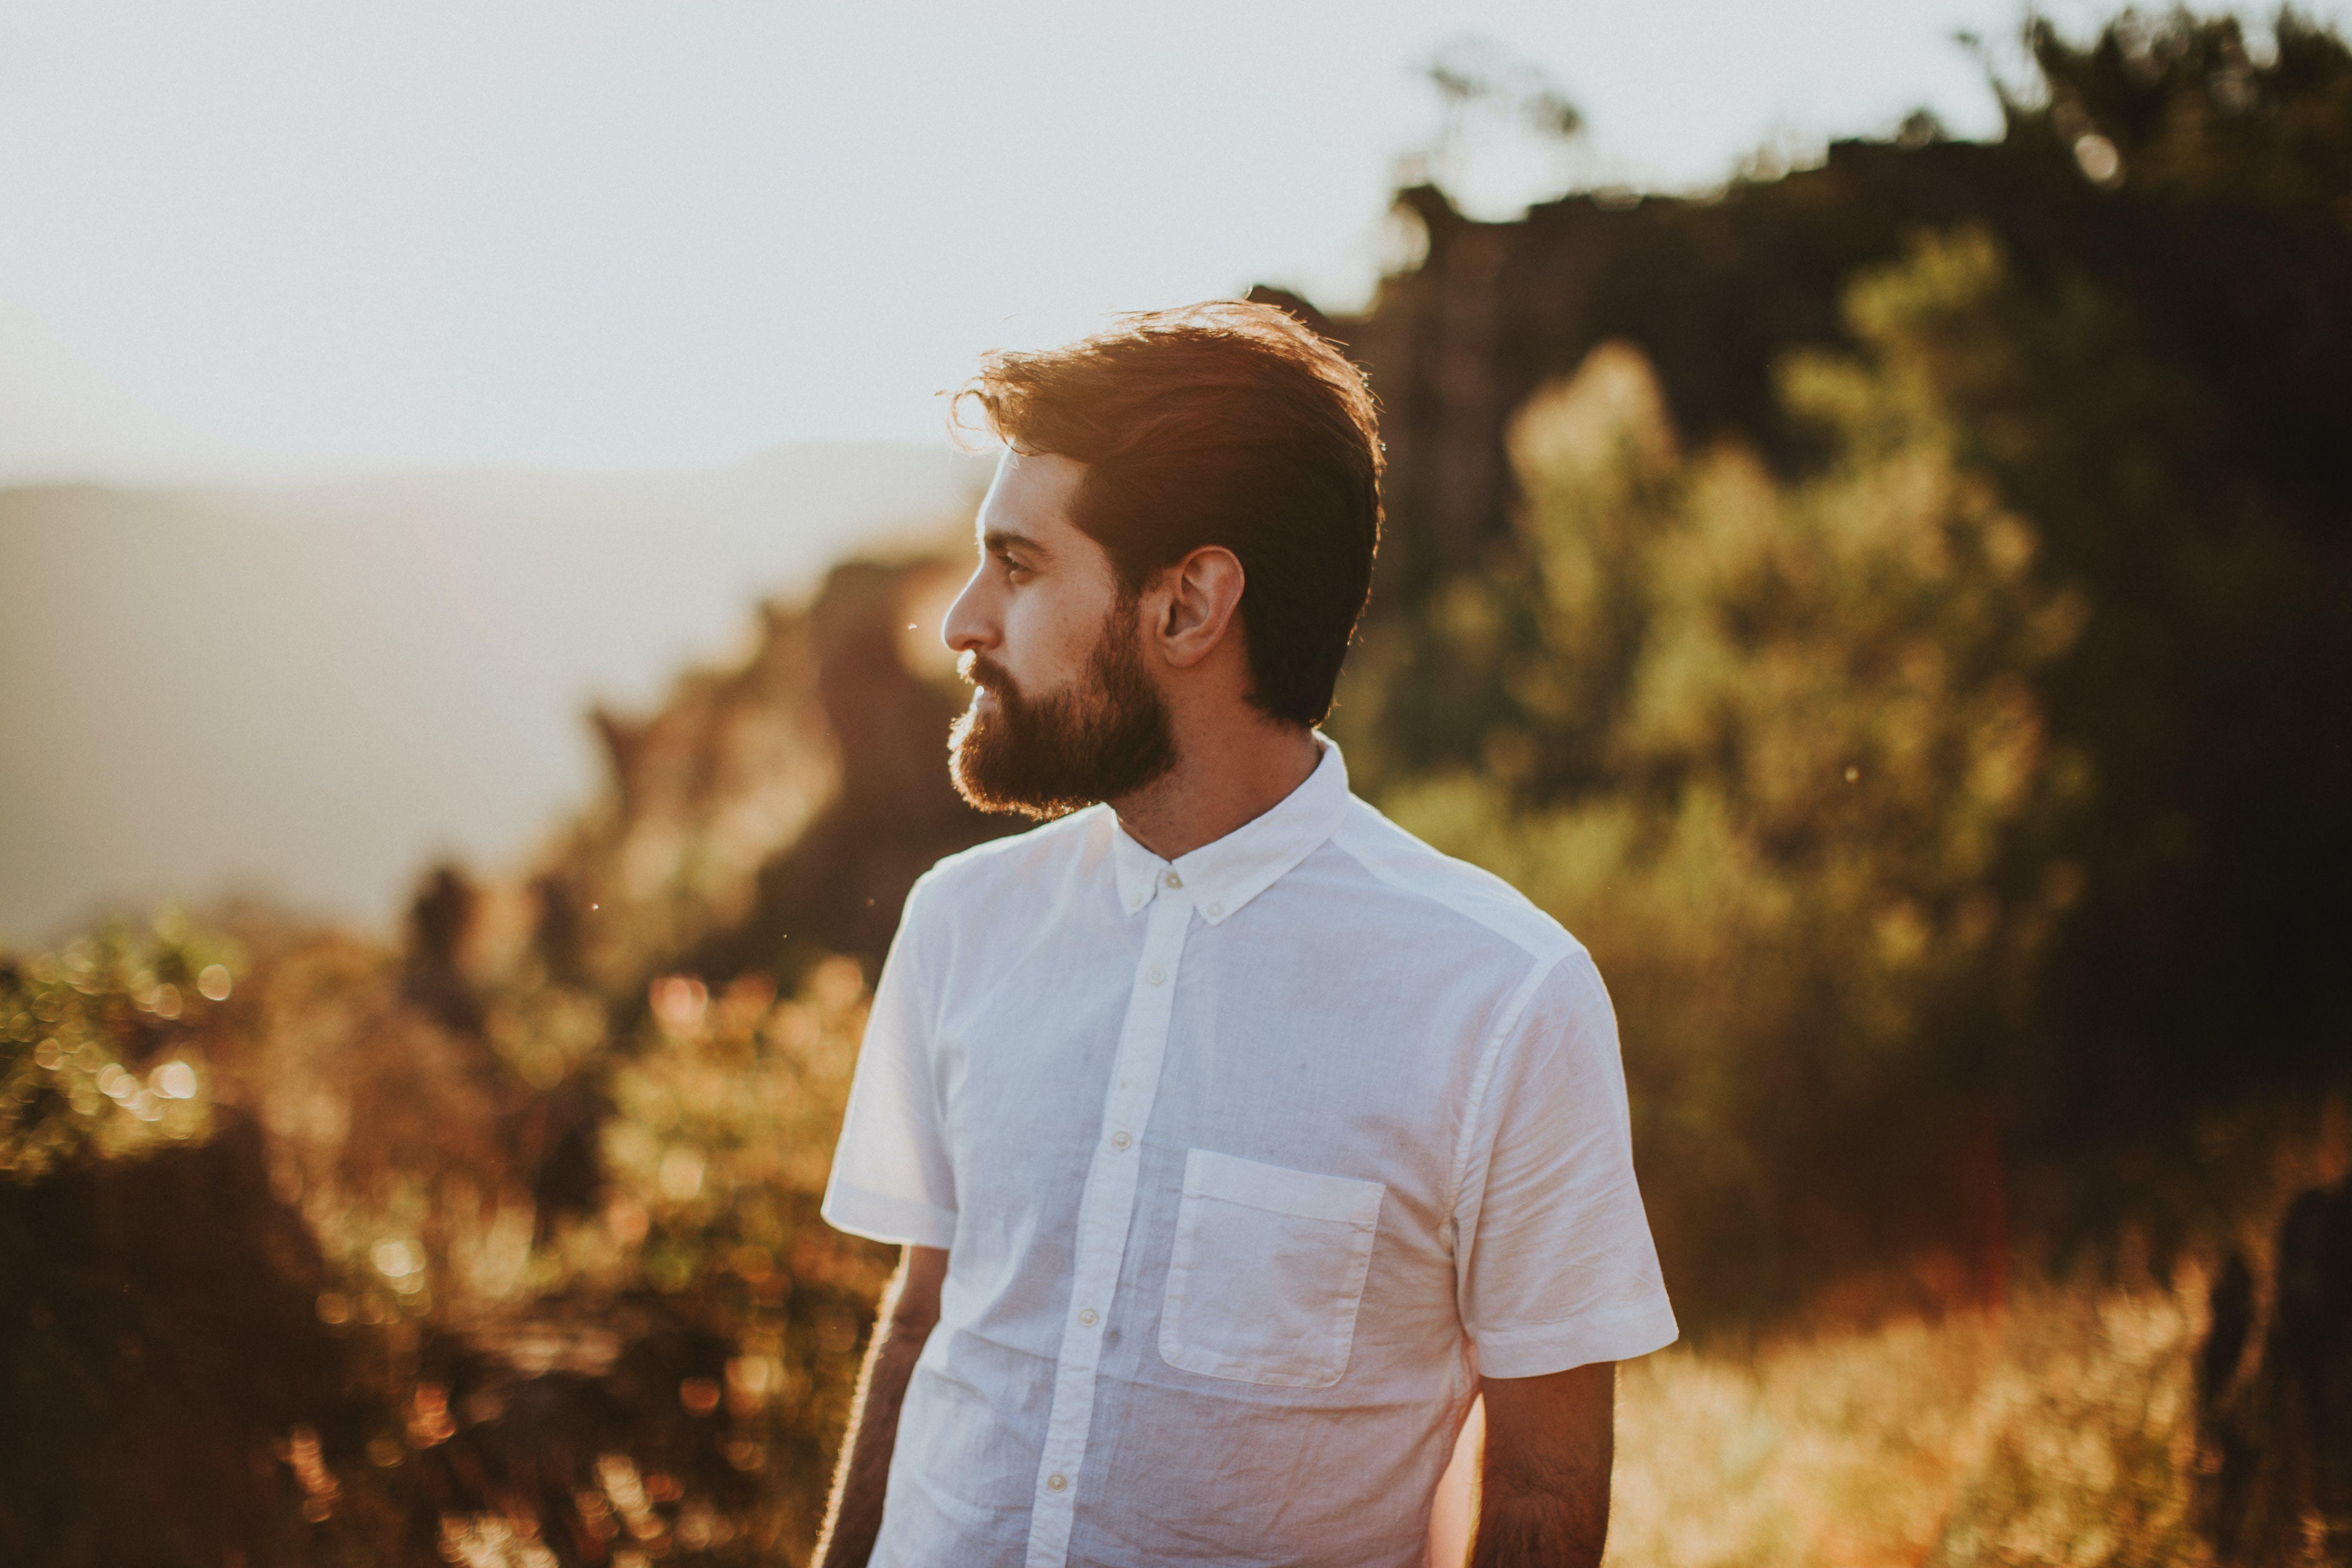 Photo of Man Wearing Polo Shirt